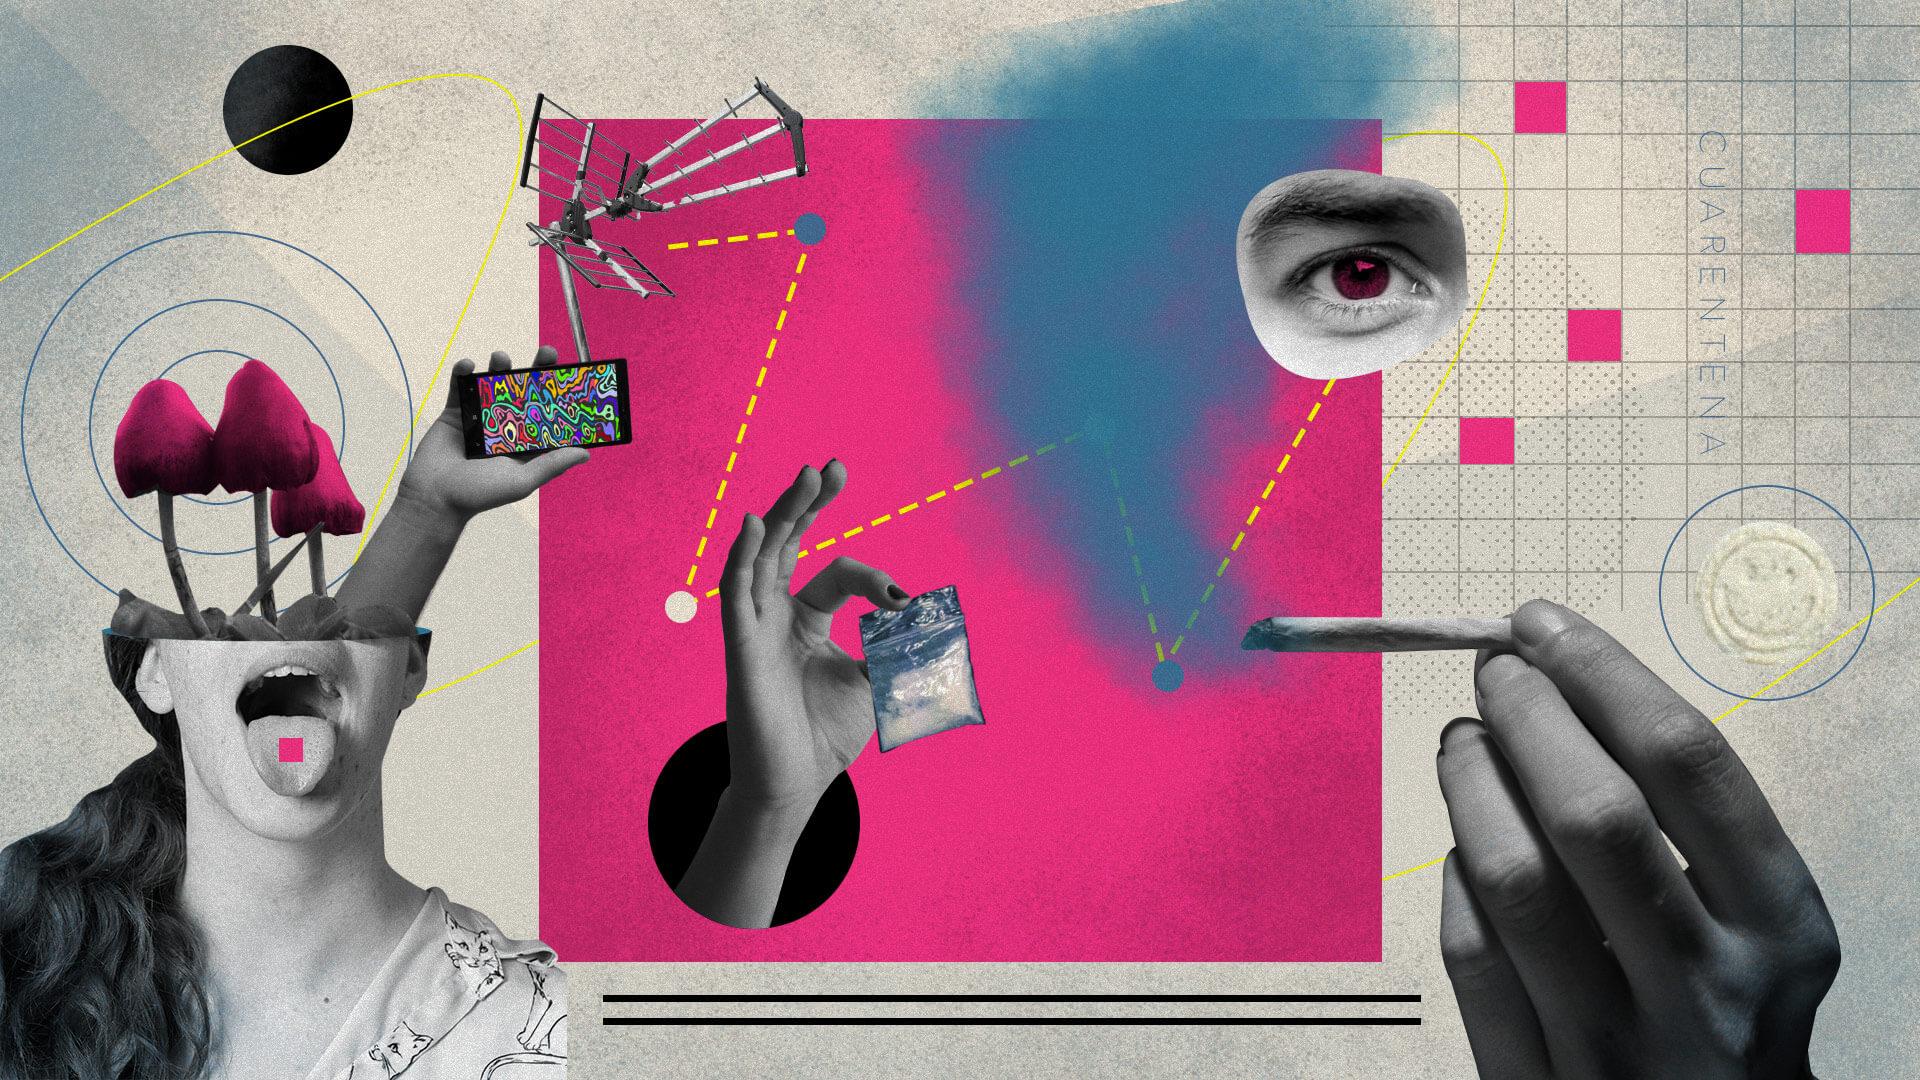 Abstinencia, malos viajes e introspección: siete testimonios sobre drogarse en la cuarentena